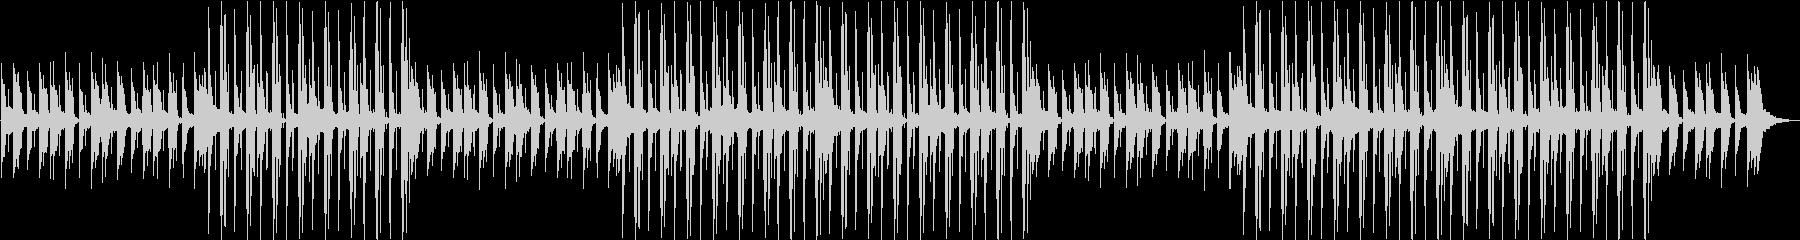 R&B・lofi・夜・リラックス・ムードの未再生の波形